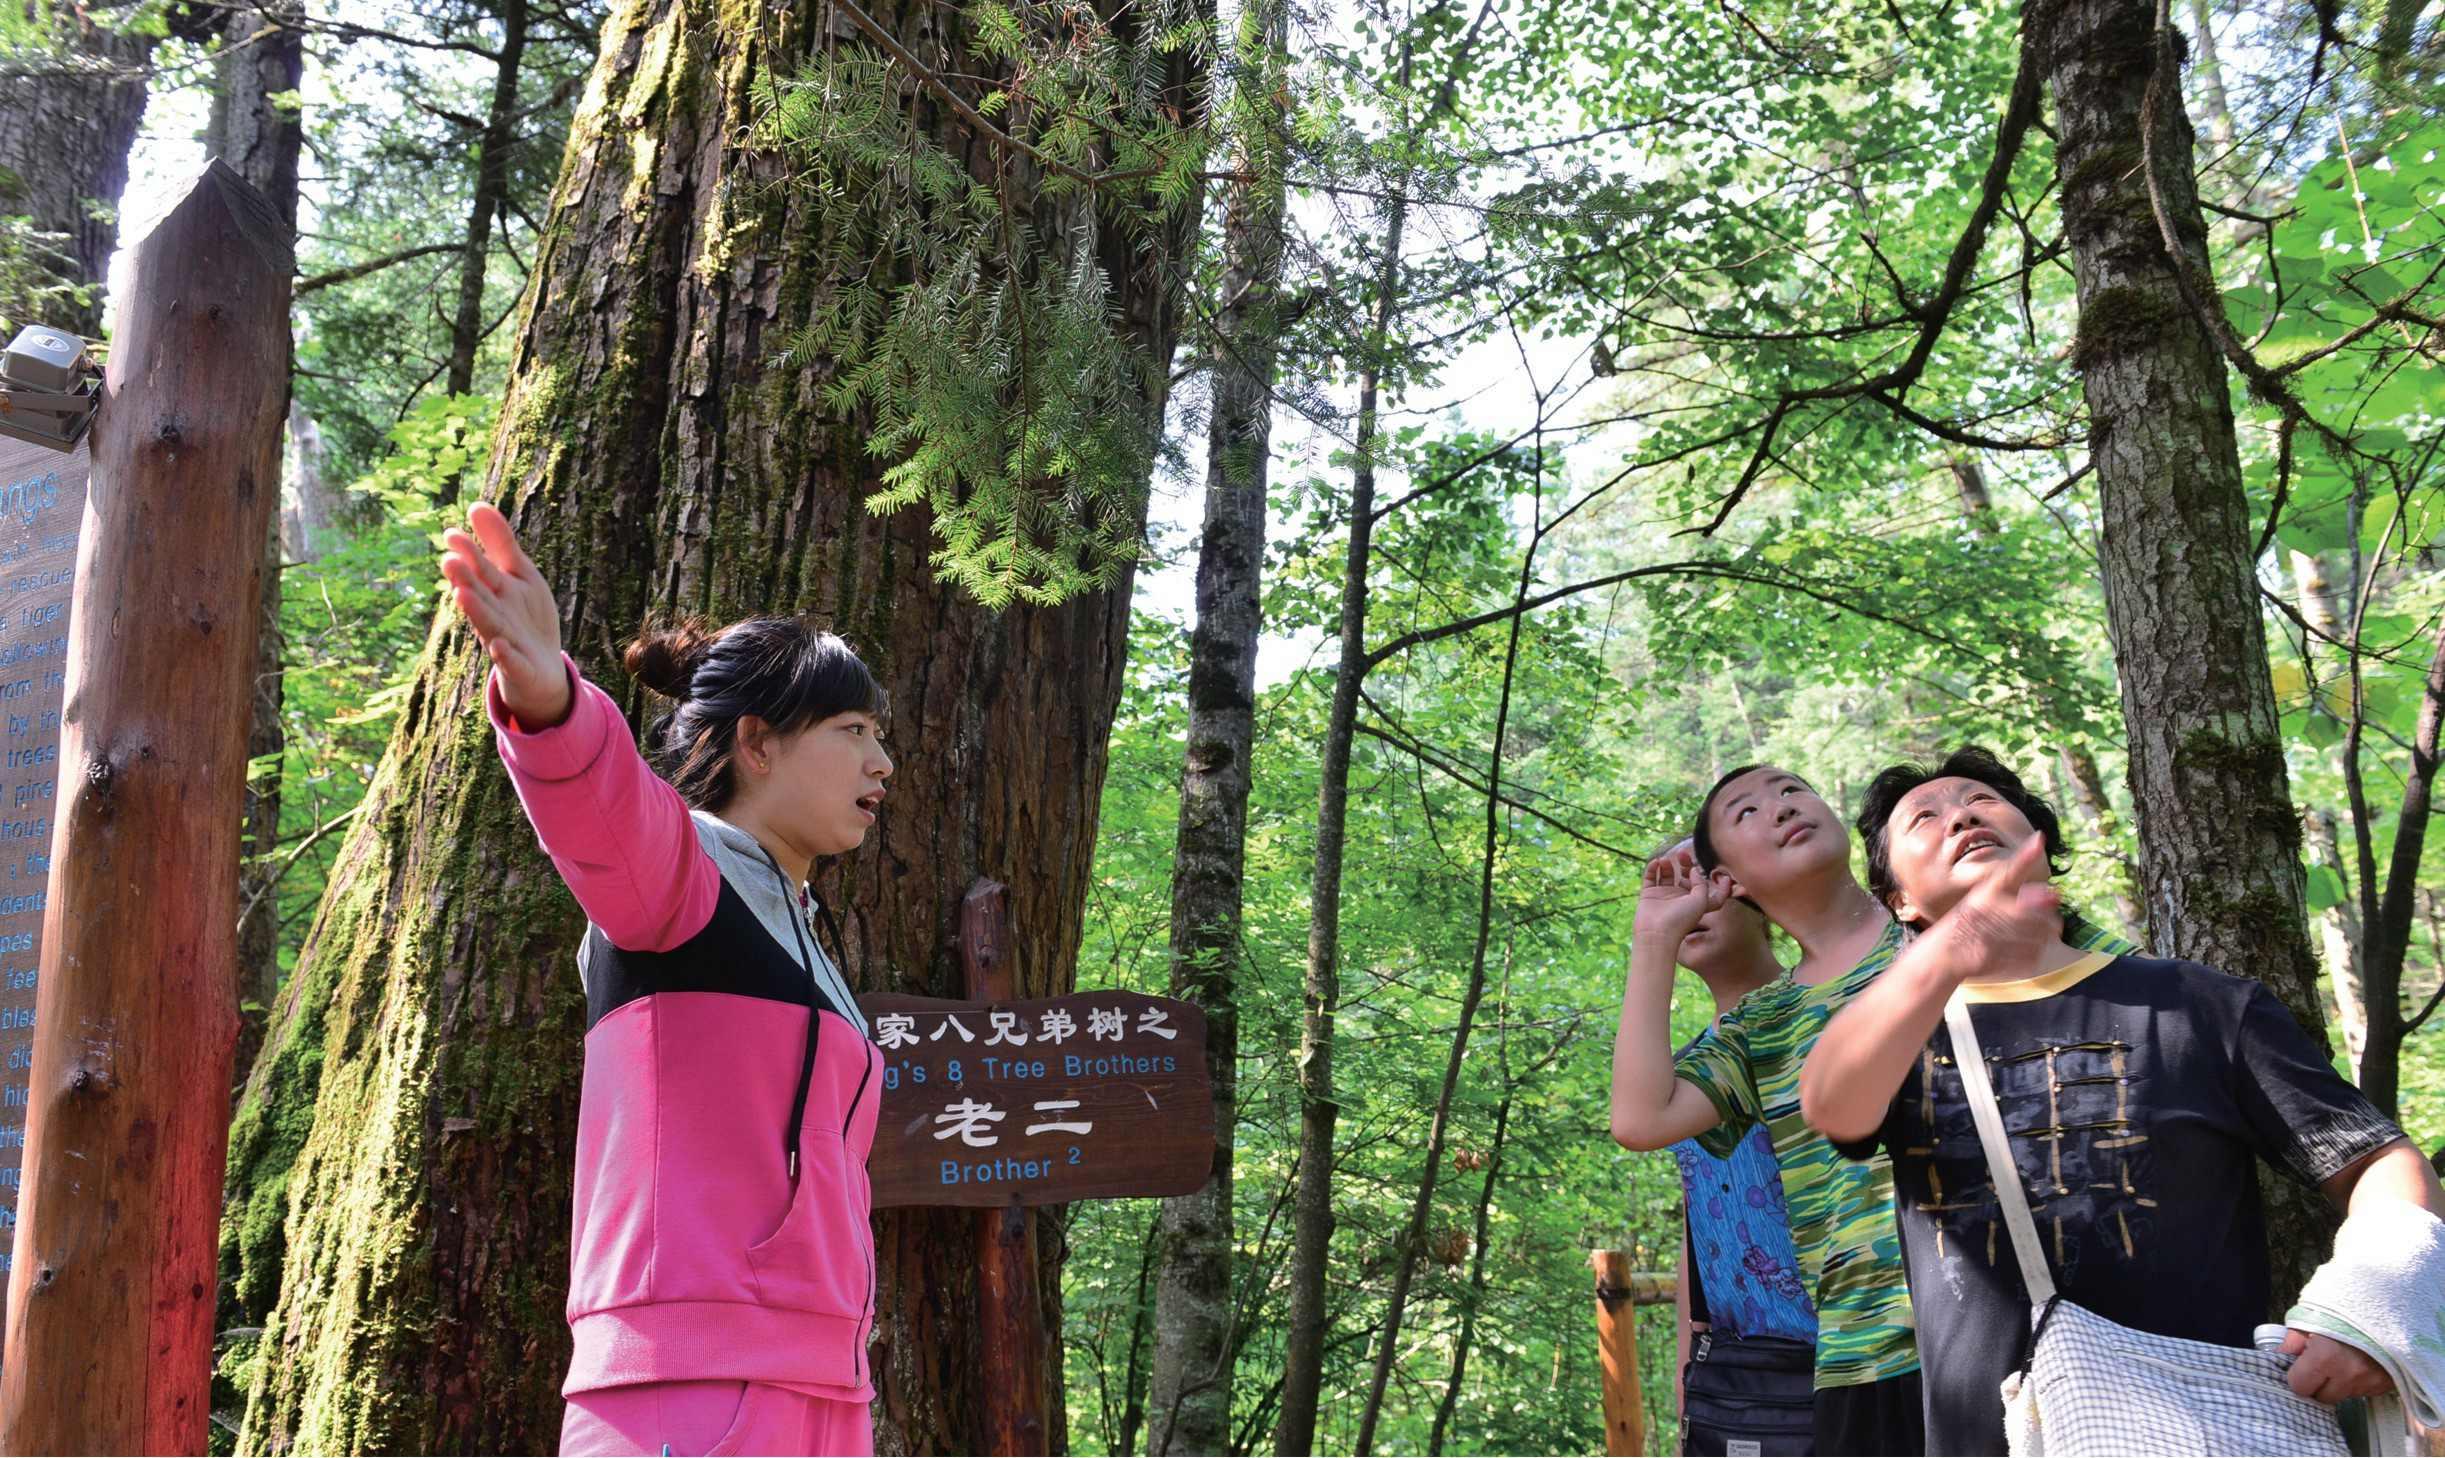 """盛夏八月,长白山成为海内外游客避暑度假的胜地。行走在位于长白山脚下的大戏台河原生态景区,高负氧离子含量的新鲜空气,让人仿佛置身于天然的""""森林氧吧""""。 黄松蒲林场自筹资金自主开发的森林生态旅游项目,实现了我公司""""变砍树为看树""""的绿色转型发展目标。 """"早些年的林子密不透光,现在可采的大树逐年减少。为了发展,我们牺牲了资源,甚至可以说是'杀鸡取卵'。""""党委书记荆彦林说,""""停伐后,我们主要向两个大方向"""